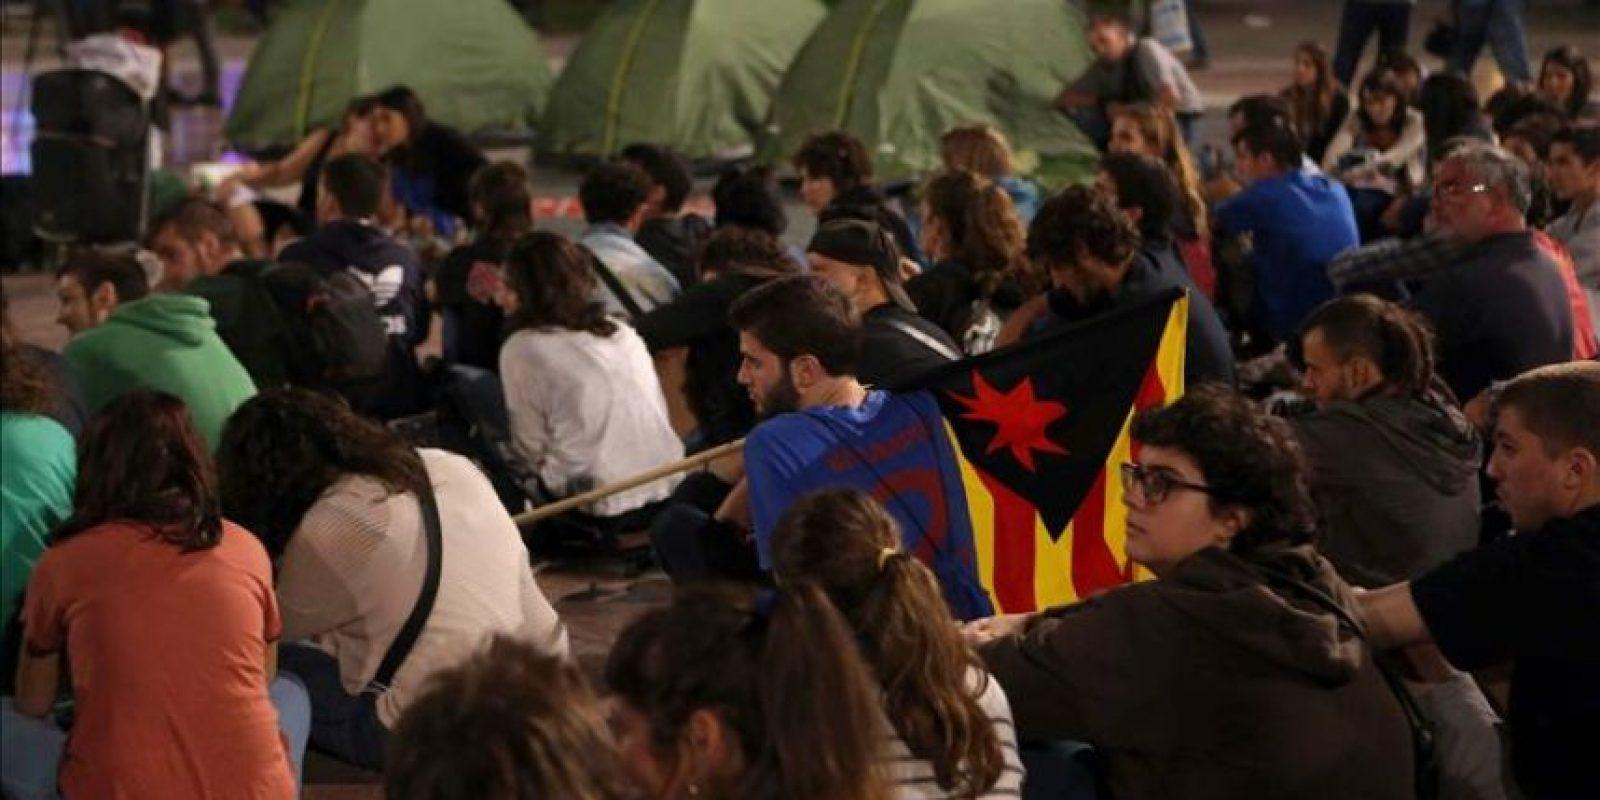 Los manifestantes, que han recorrido esta tarde el centro de Barcelona contra la decisión del Tribunal Constitucional de suspender la consulta soberanista convocada para el 9 de noviembre, esperan en la plaza Catalunya de la ciudad condal para decidir si acampan o no. EFE